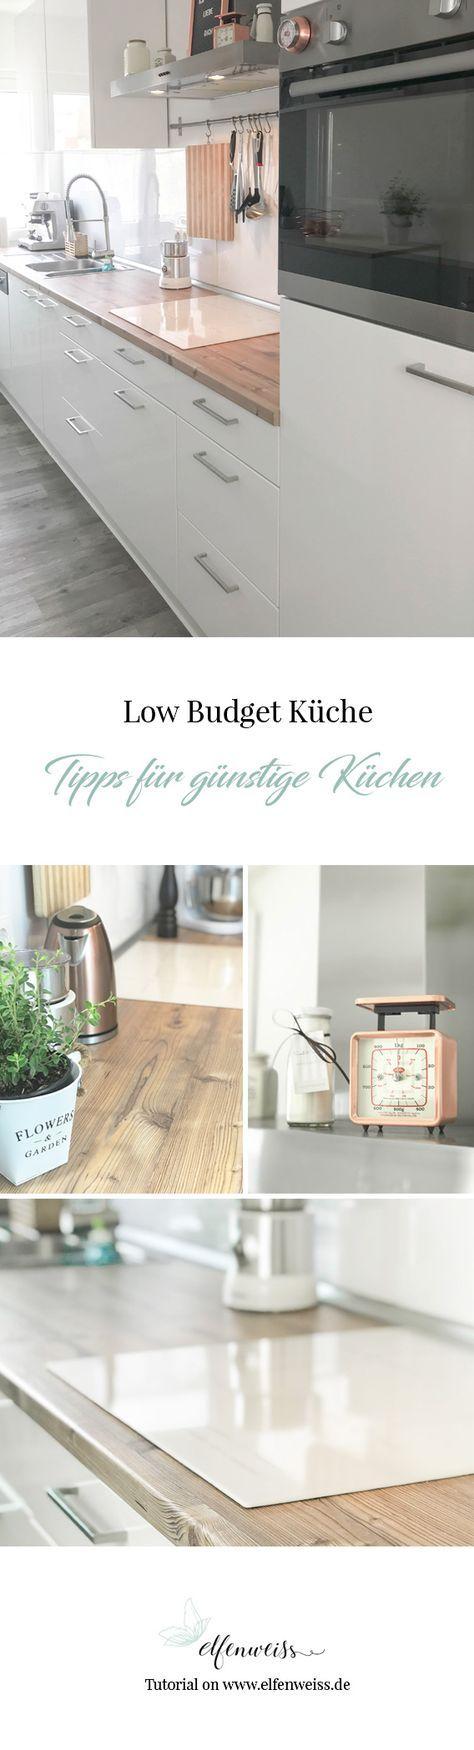 Fantastisch Dekorieren Kleine Küchen Mit Kleinen Budget Galerie ...